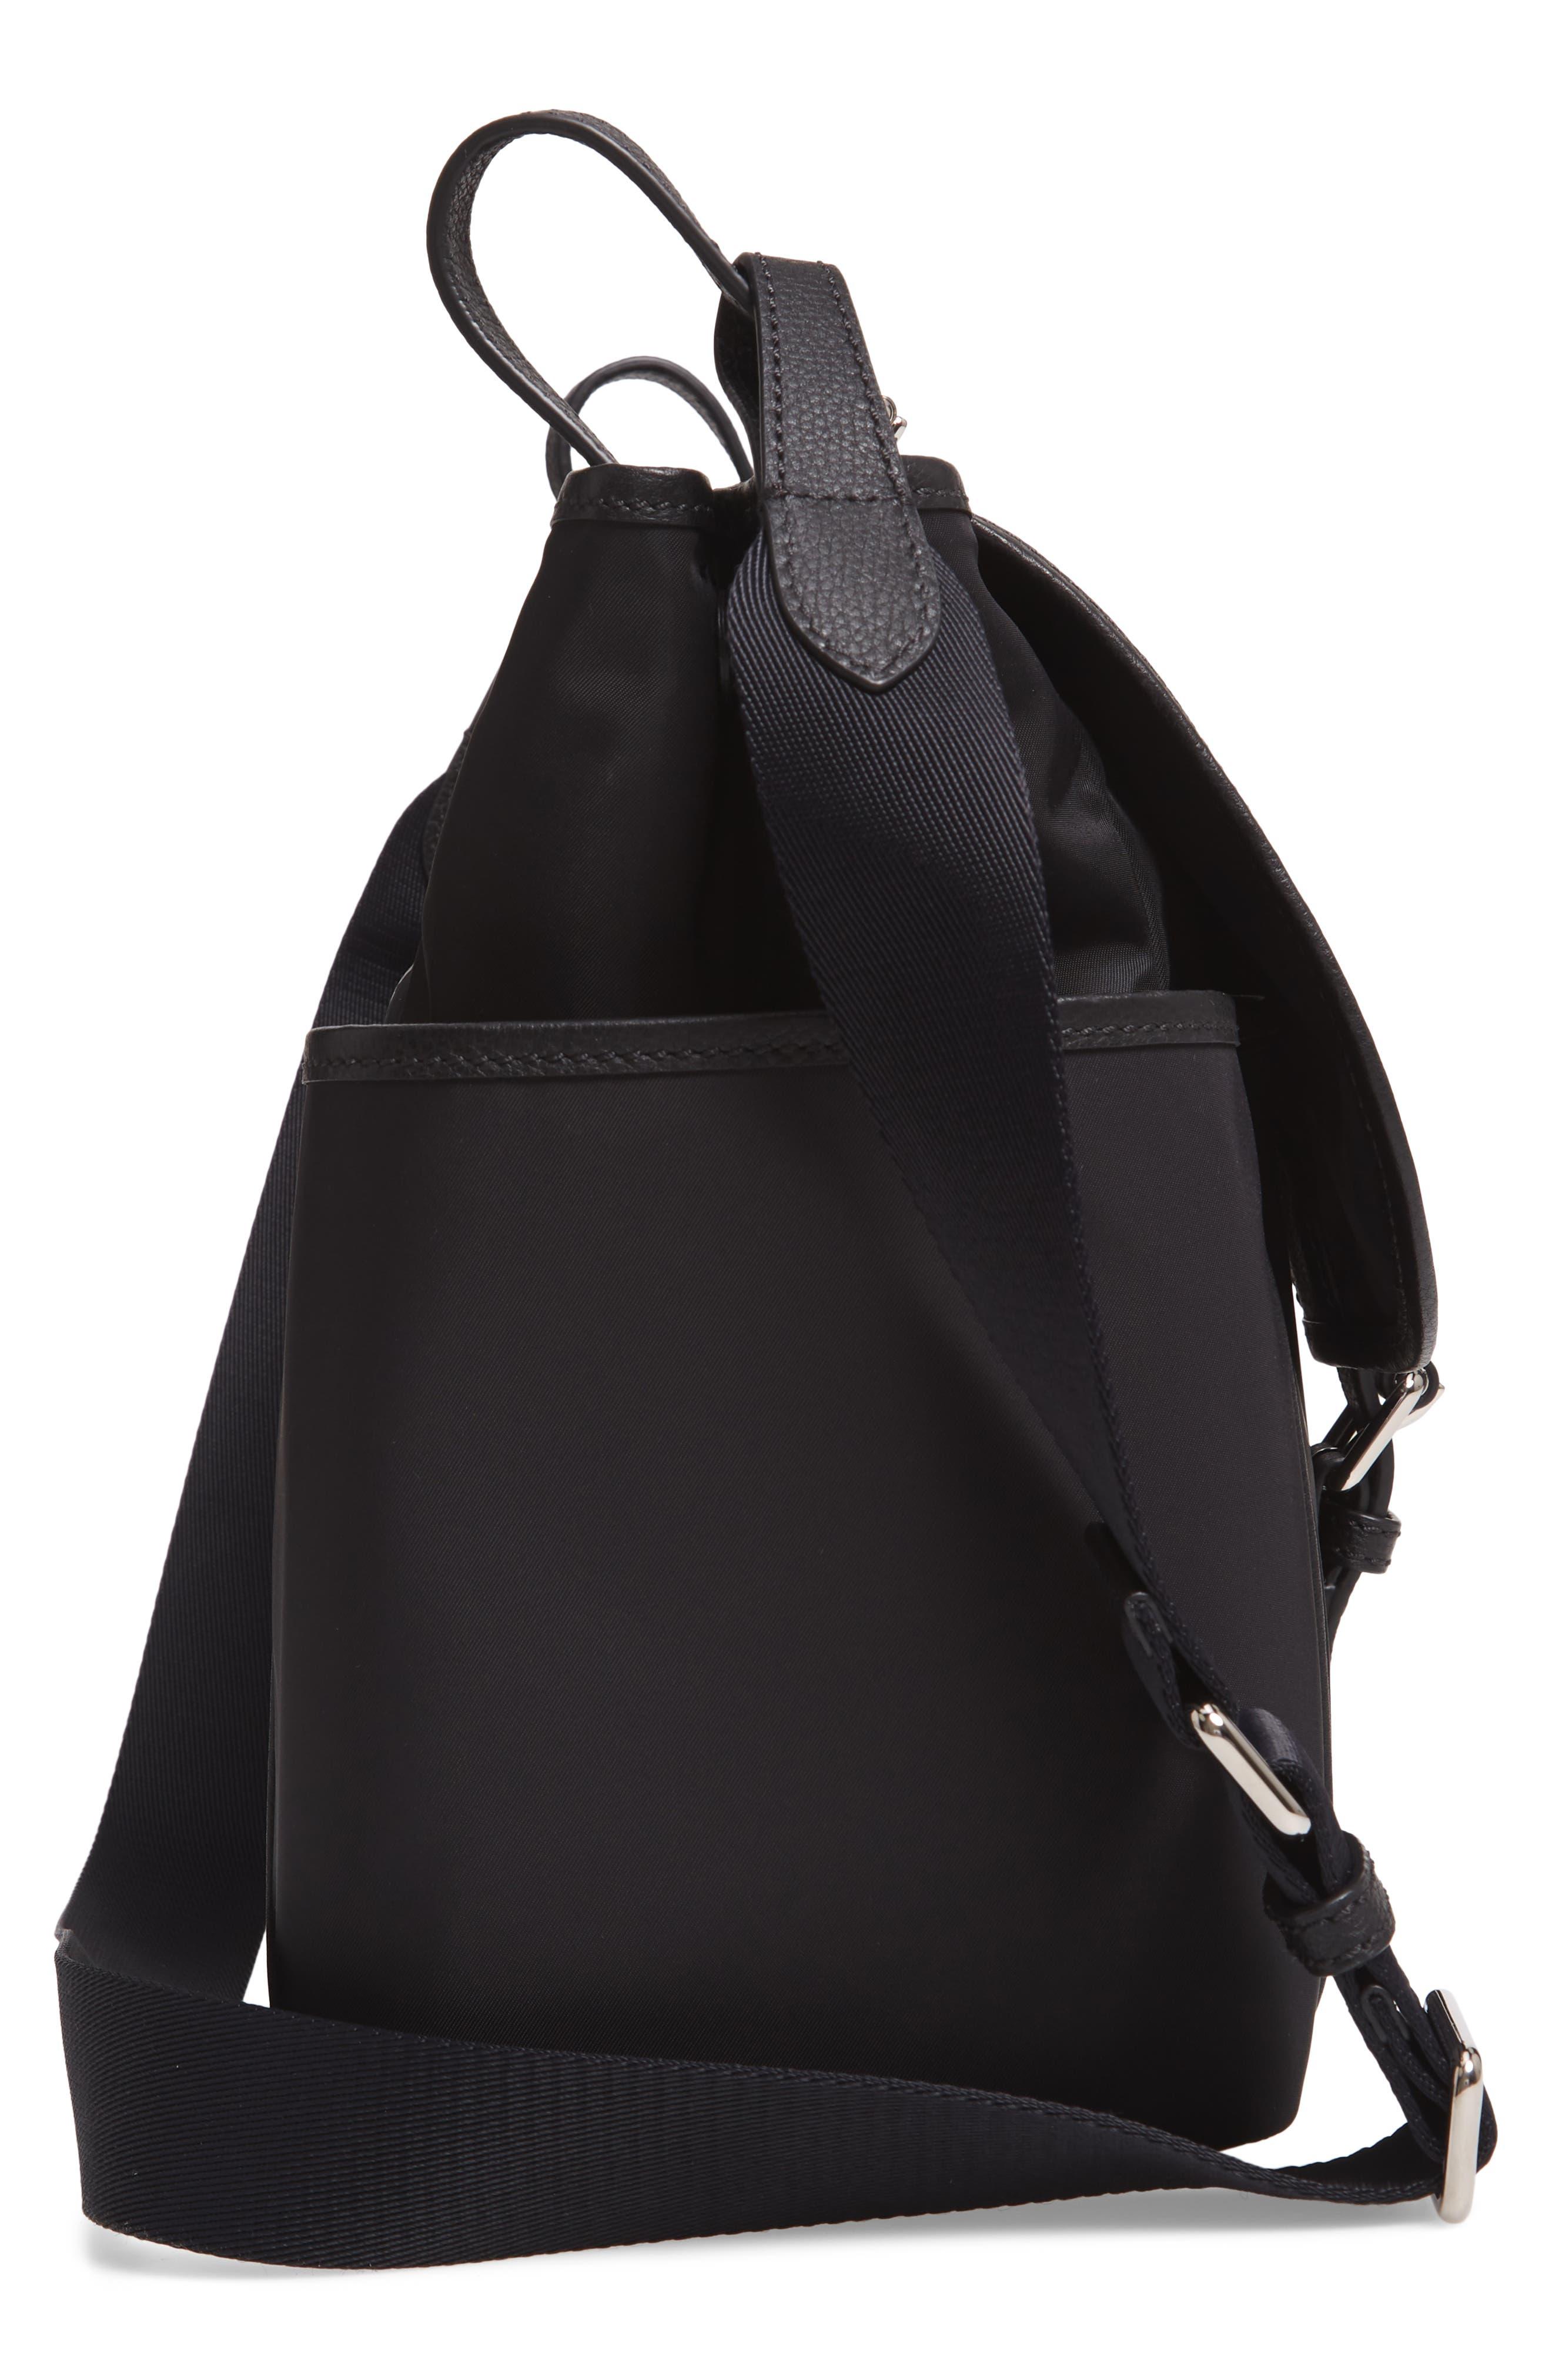 Flap Nylon Diaper Bag,                             Alternate thumbnail 5, color,                             BLACK